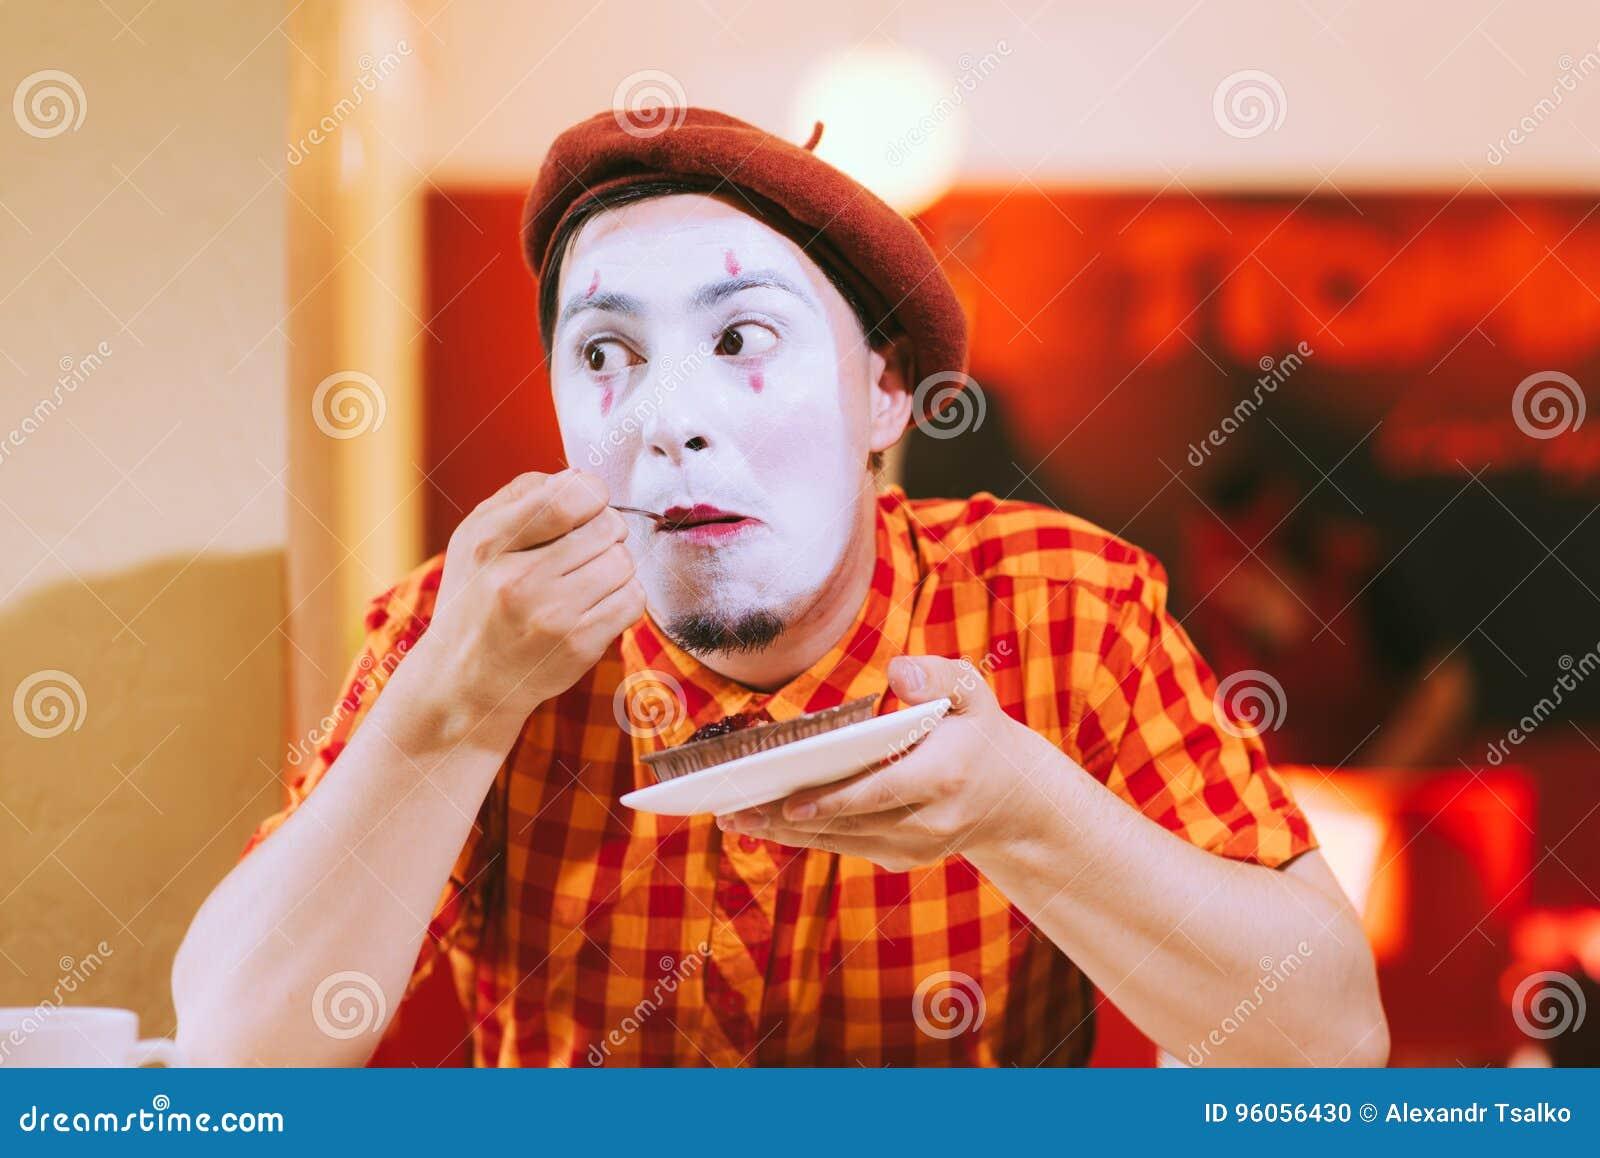 Le clown mange un gâteau dans un café et son visage coasse